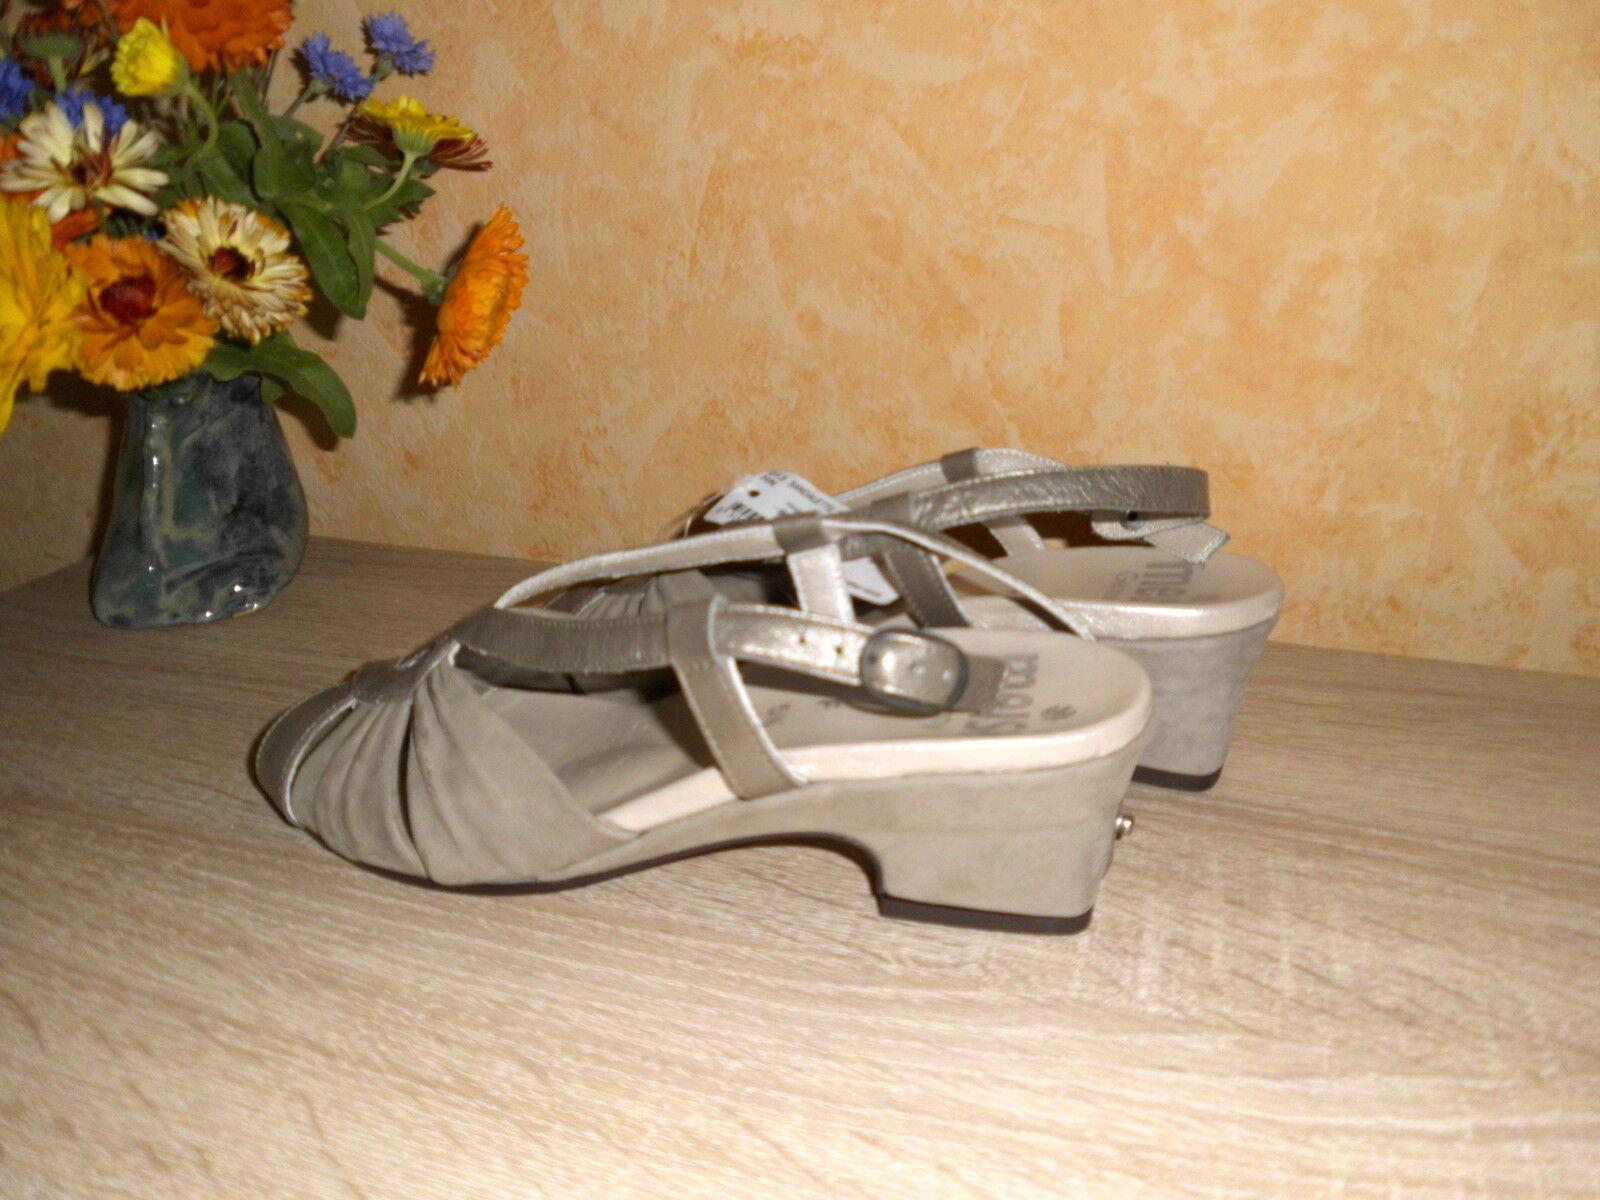 Sandali elegante di meisi Nuovo Taglia 5,5 38,5 F pelle in bronzo taupe in pelle F & lavoro manuale f4e647